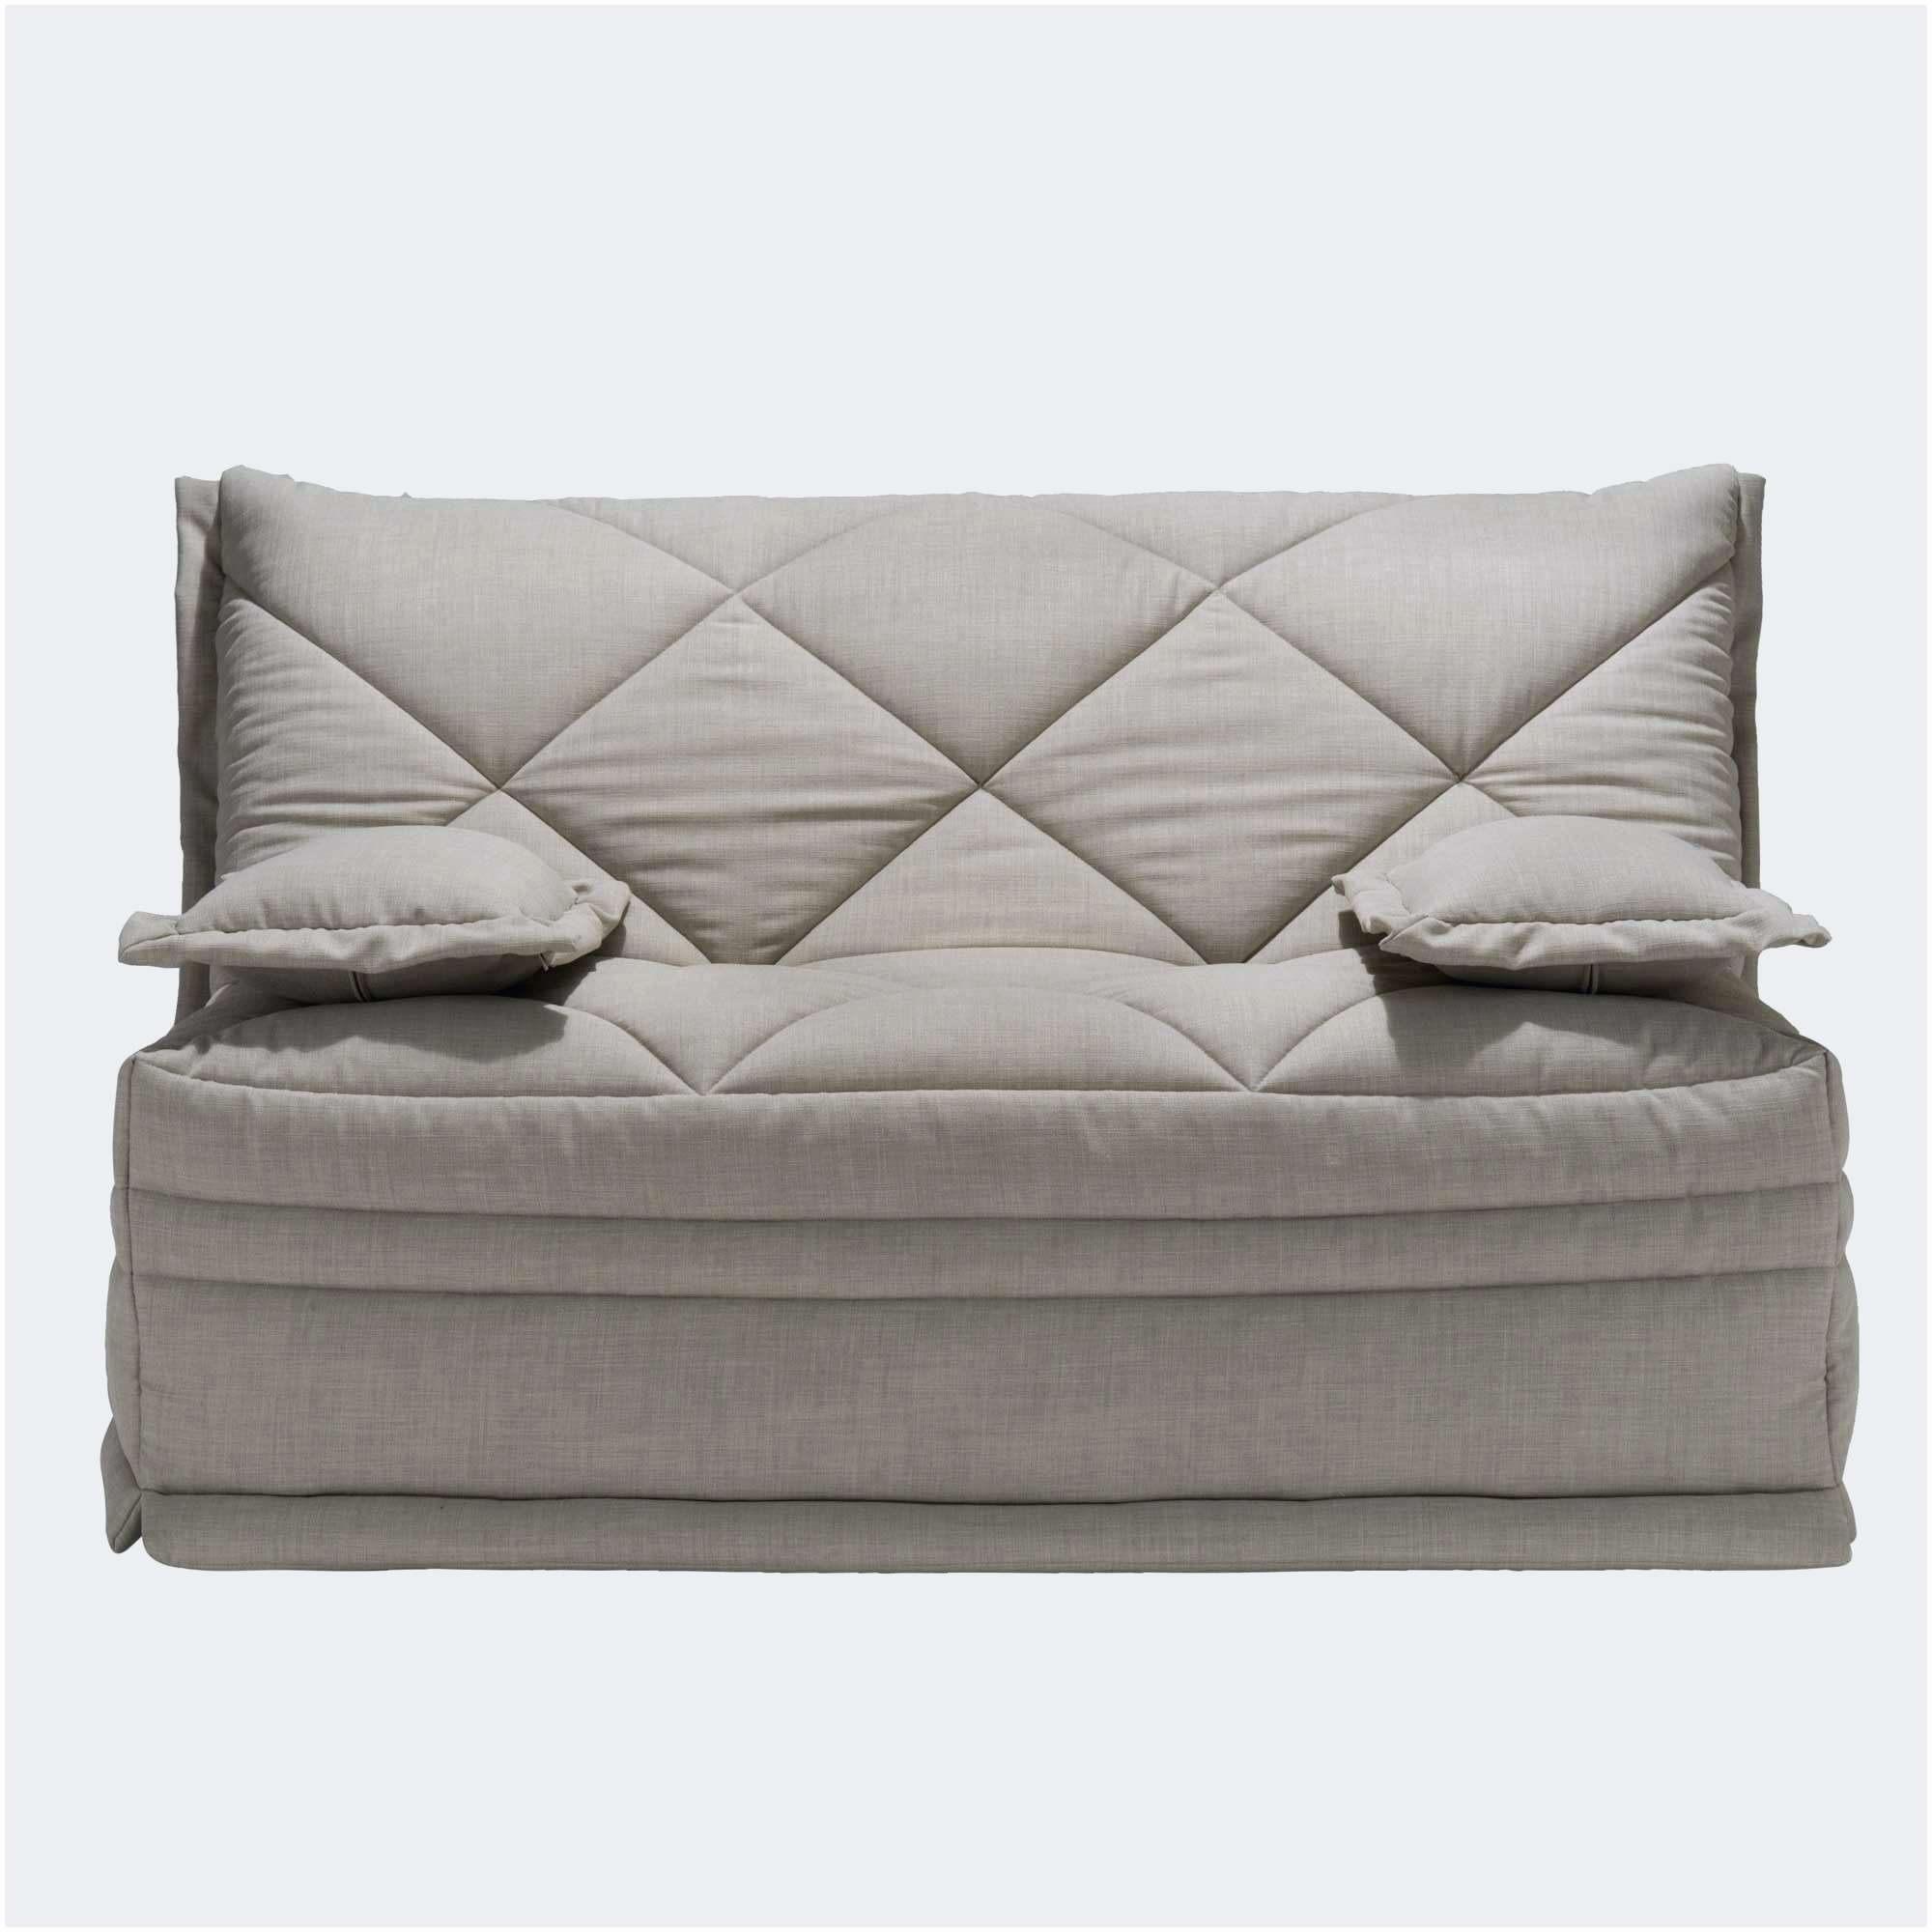 Lit En Fer forgé Ikea Beau Ikea Canap Bz Simple astonishing Loveseat Sleeper sofa Applied to